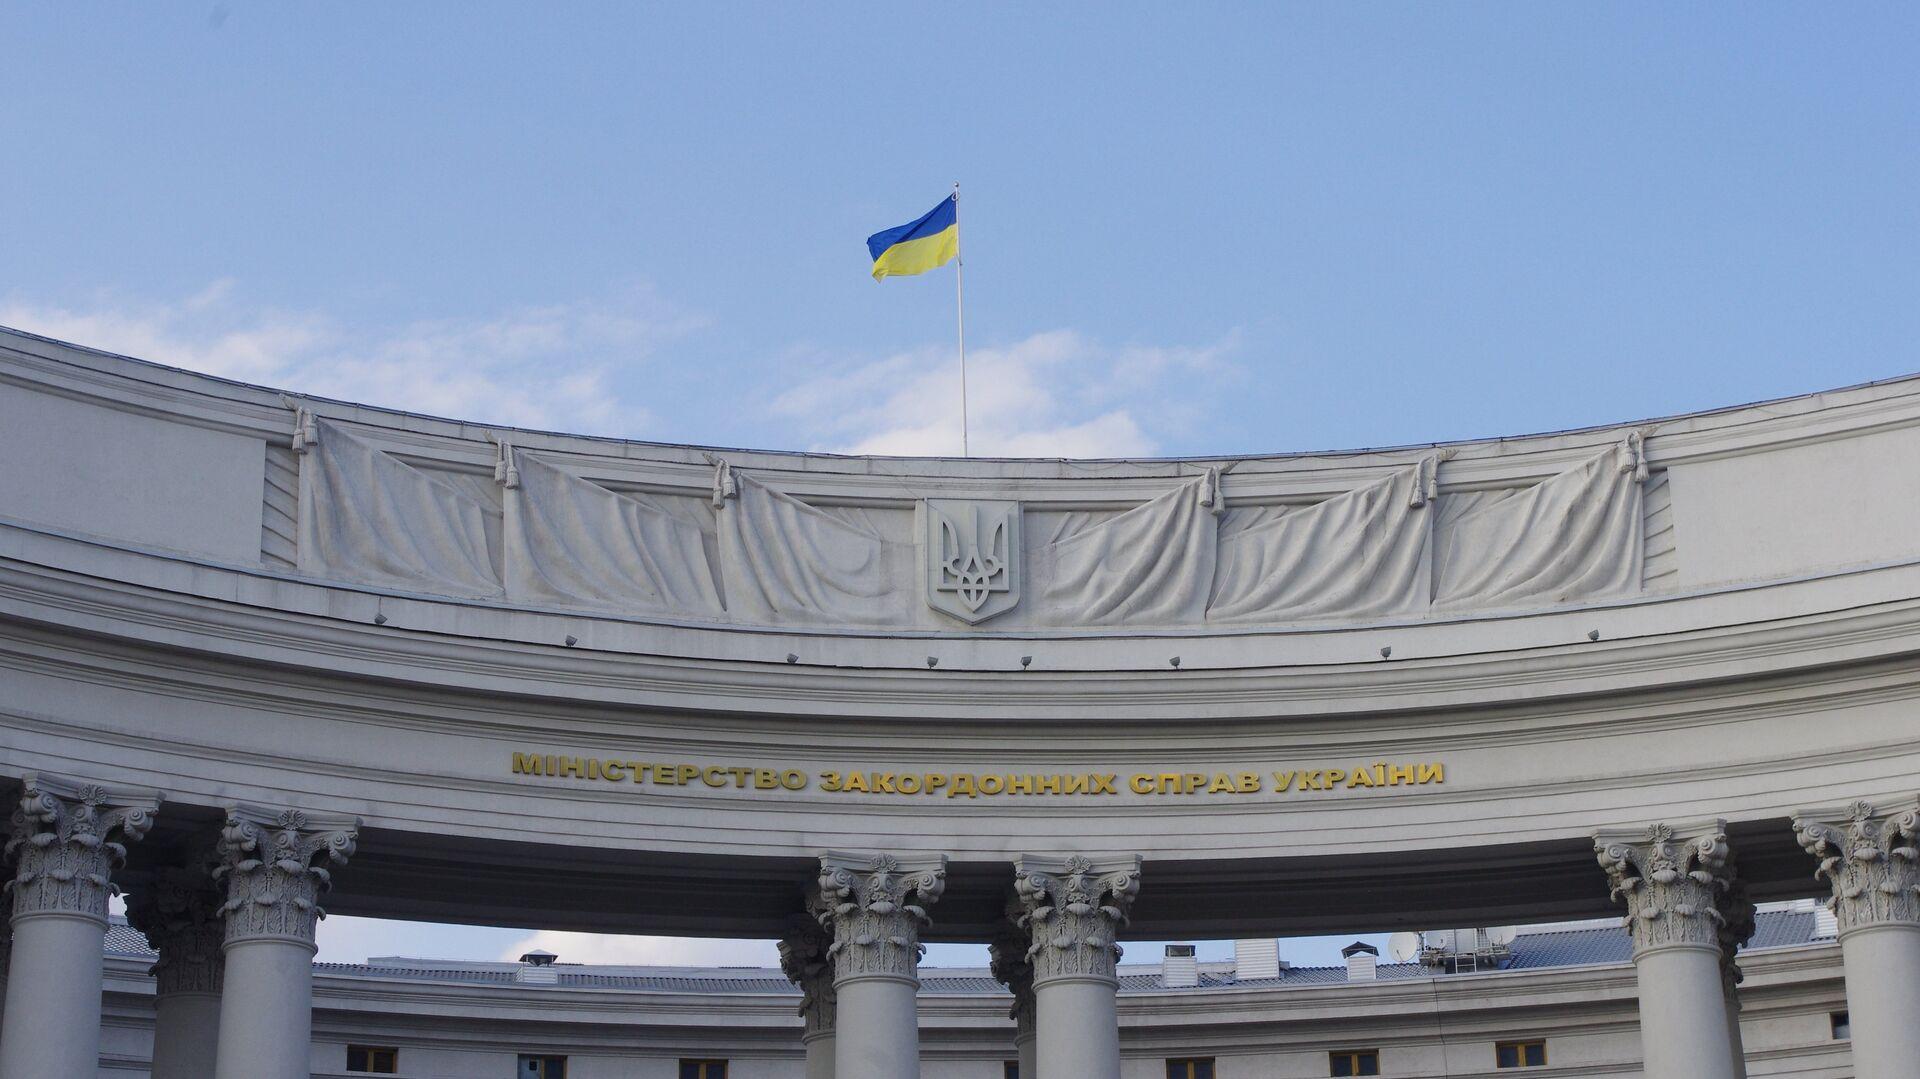 Государственный флаг на здании министерства иностранных дел Украины в Киеве - РИА Новости, 1920, 30.12.2020